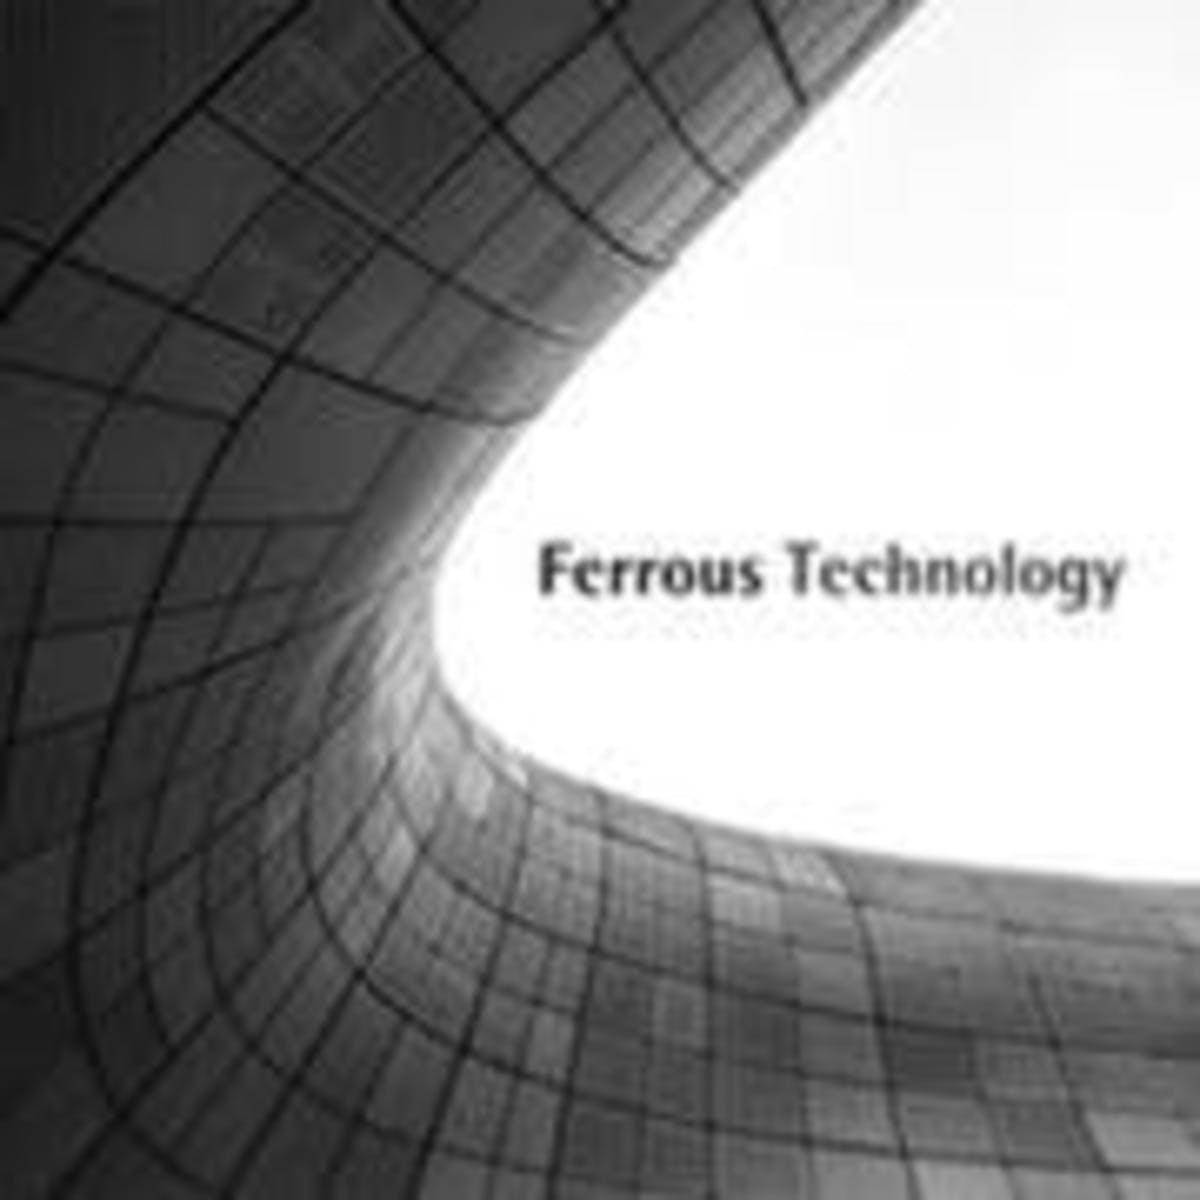 Ferrous Technology II